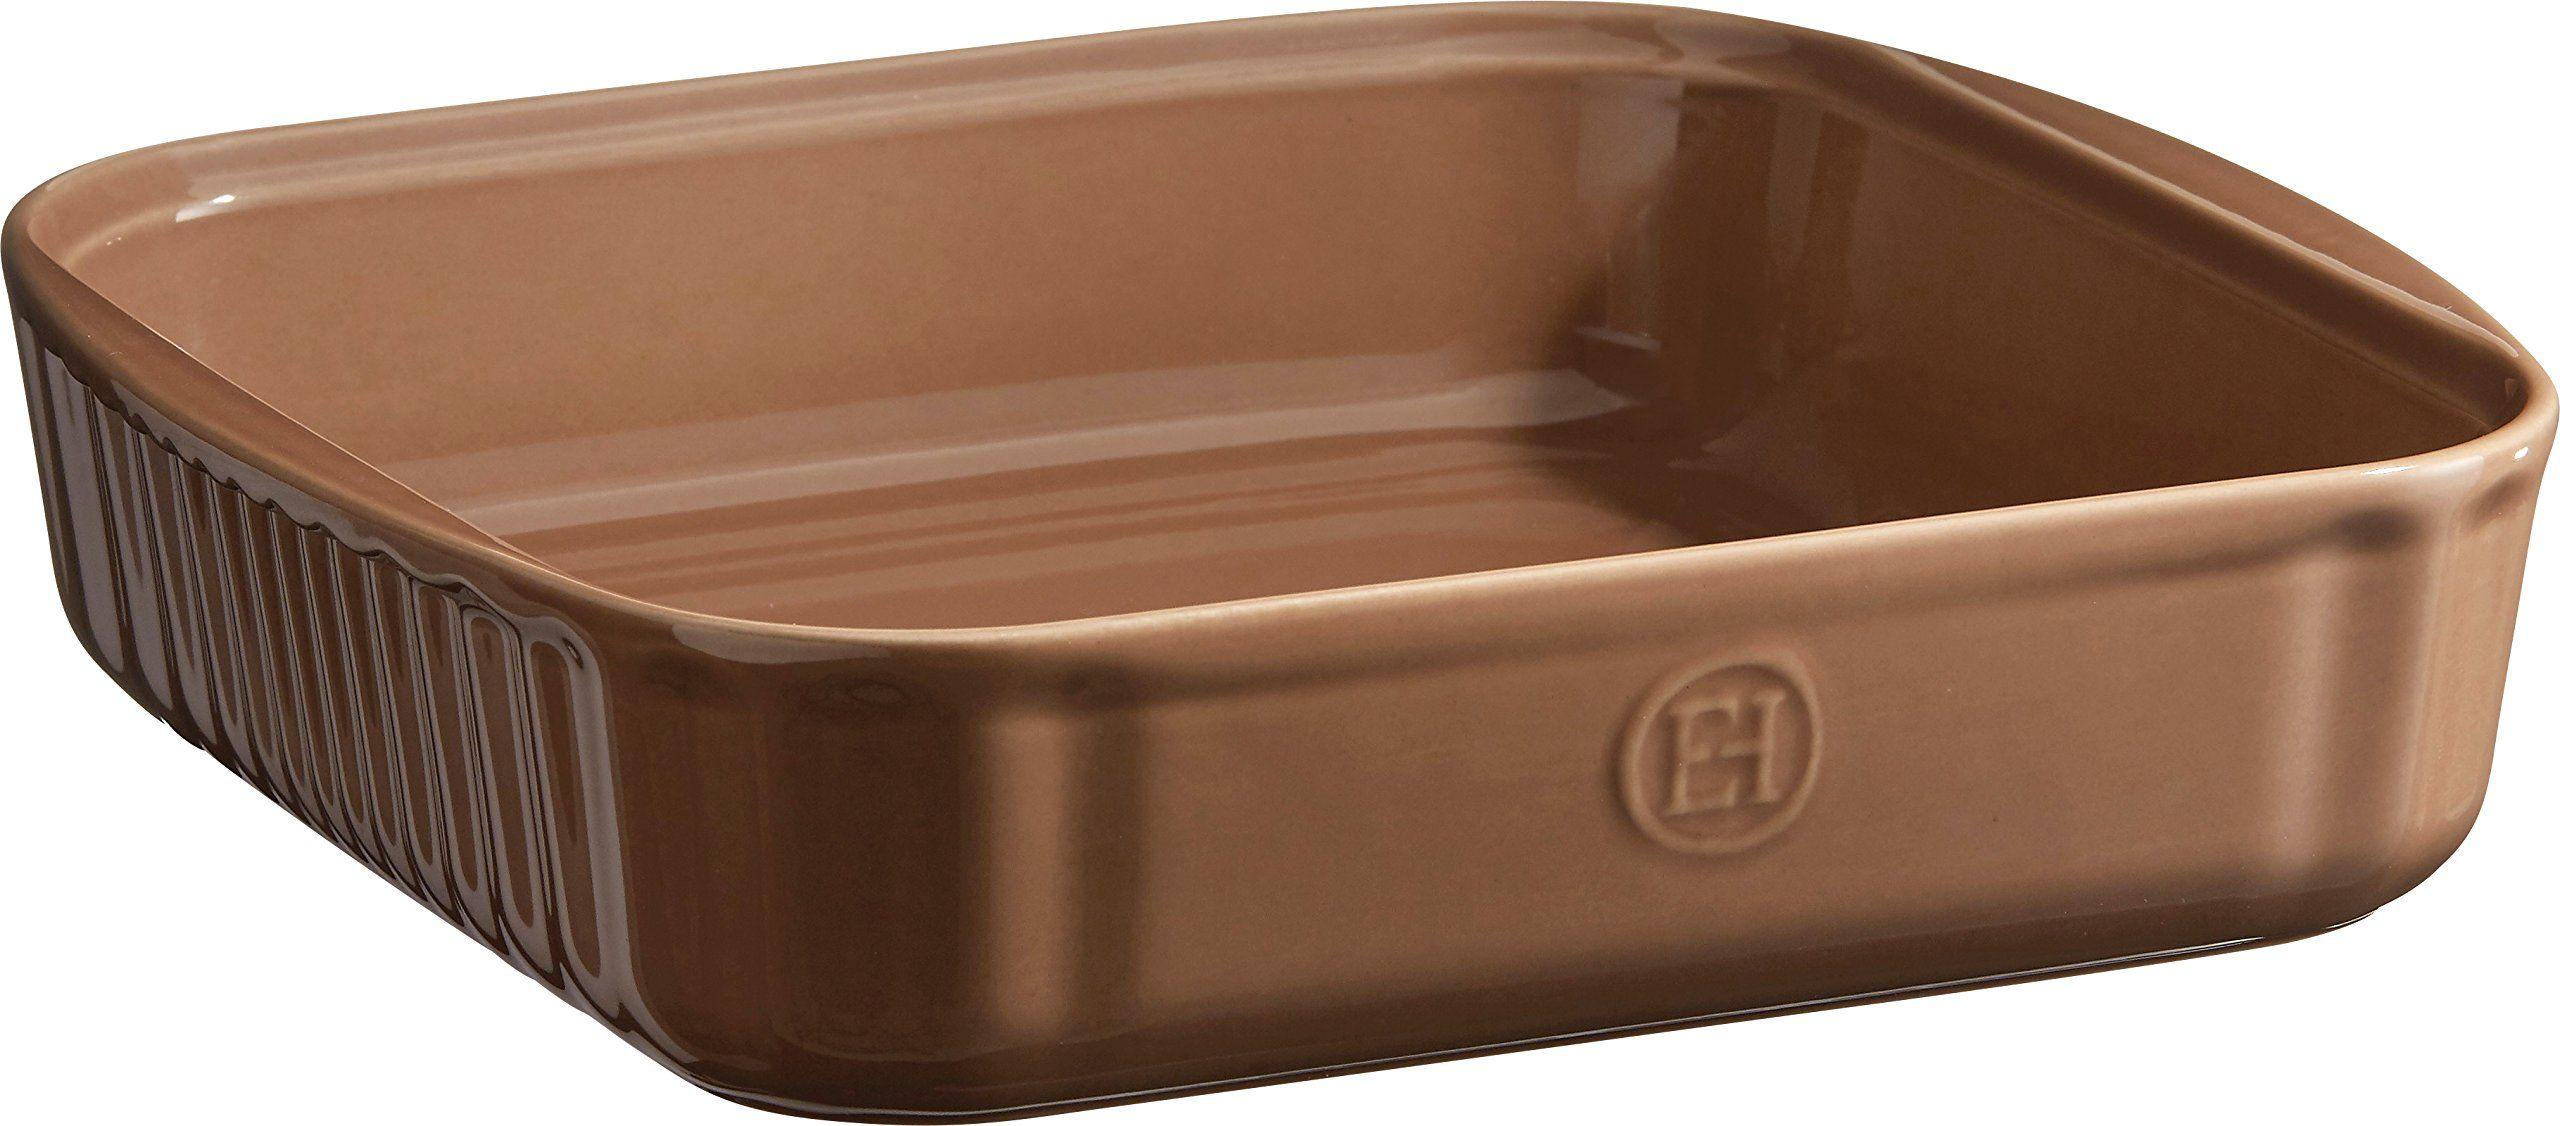 Emile Henry ceramiczna eh952080 kwadratowa forma do pieczenia 28 x 26 x 6,5 cm, ceramika, drewno bukowe, 24 cm